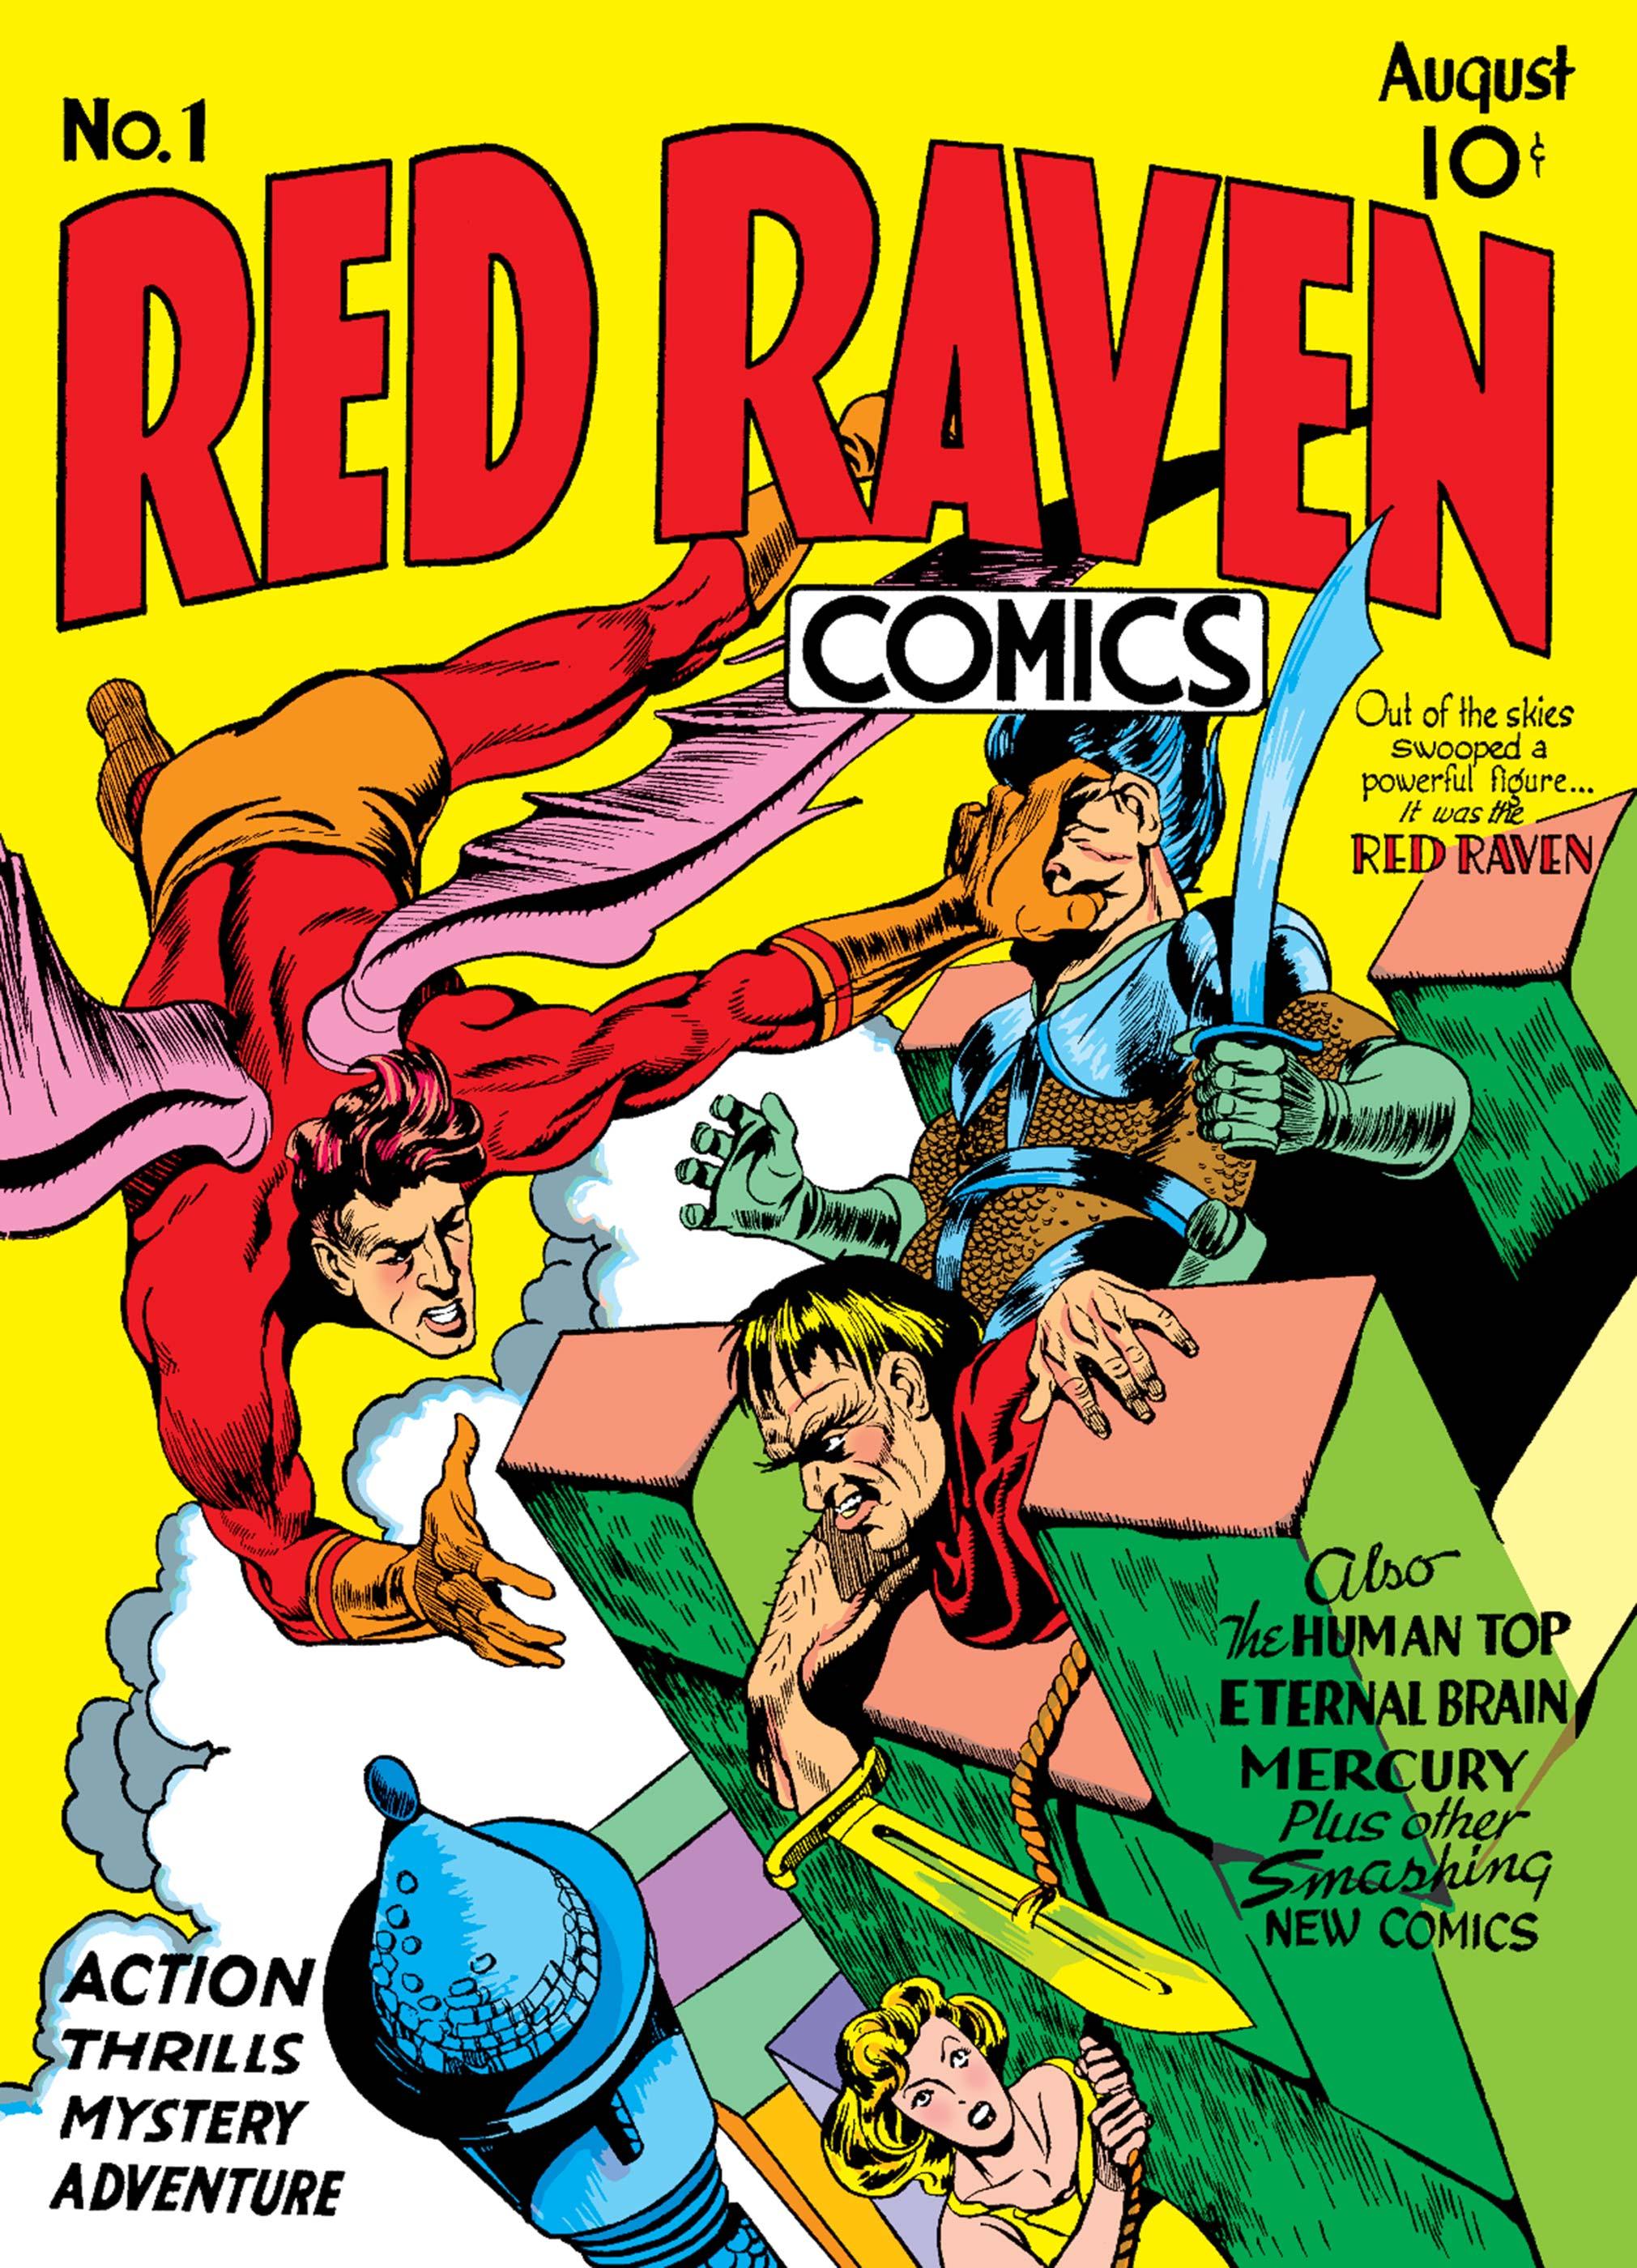 Red Raven Comics (1940) #1